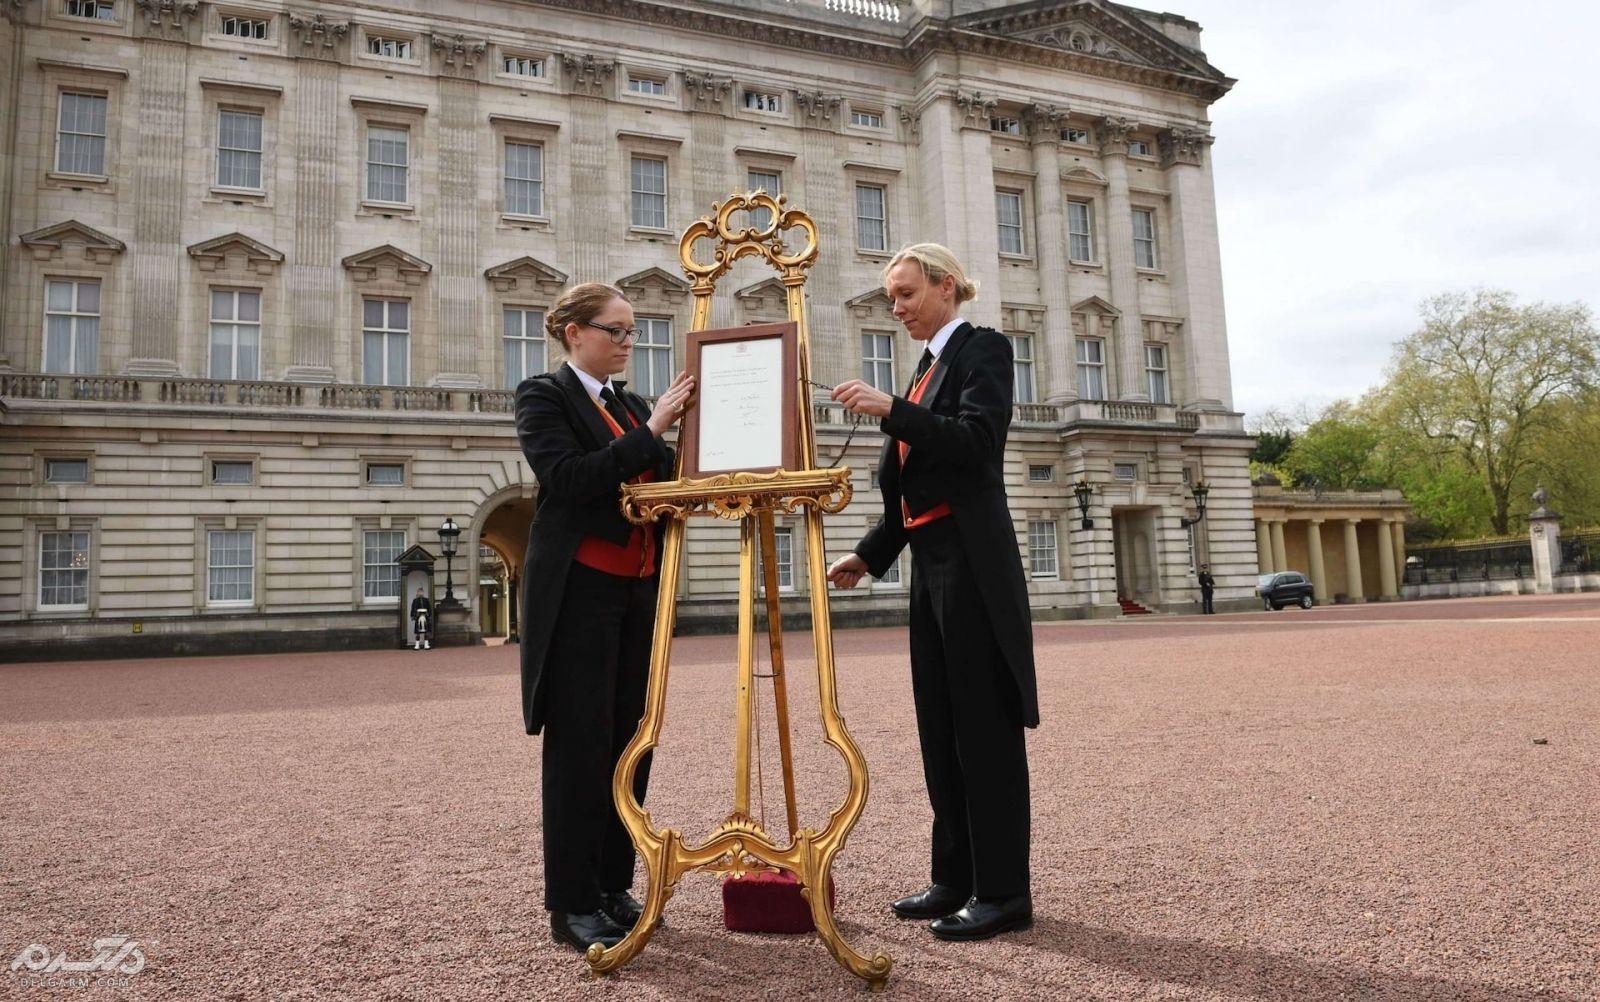 تولد فرزند سوم پرنس ویلیام و همسرش کیت میدلتون (نوه سوم ملکه انگلستان)